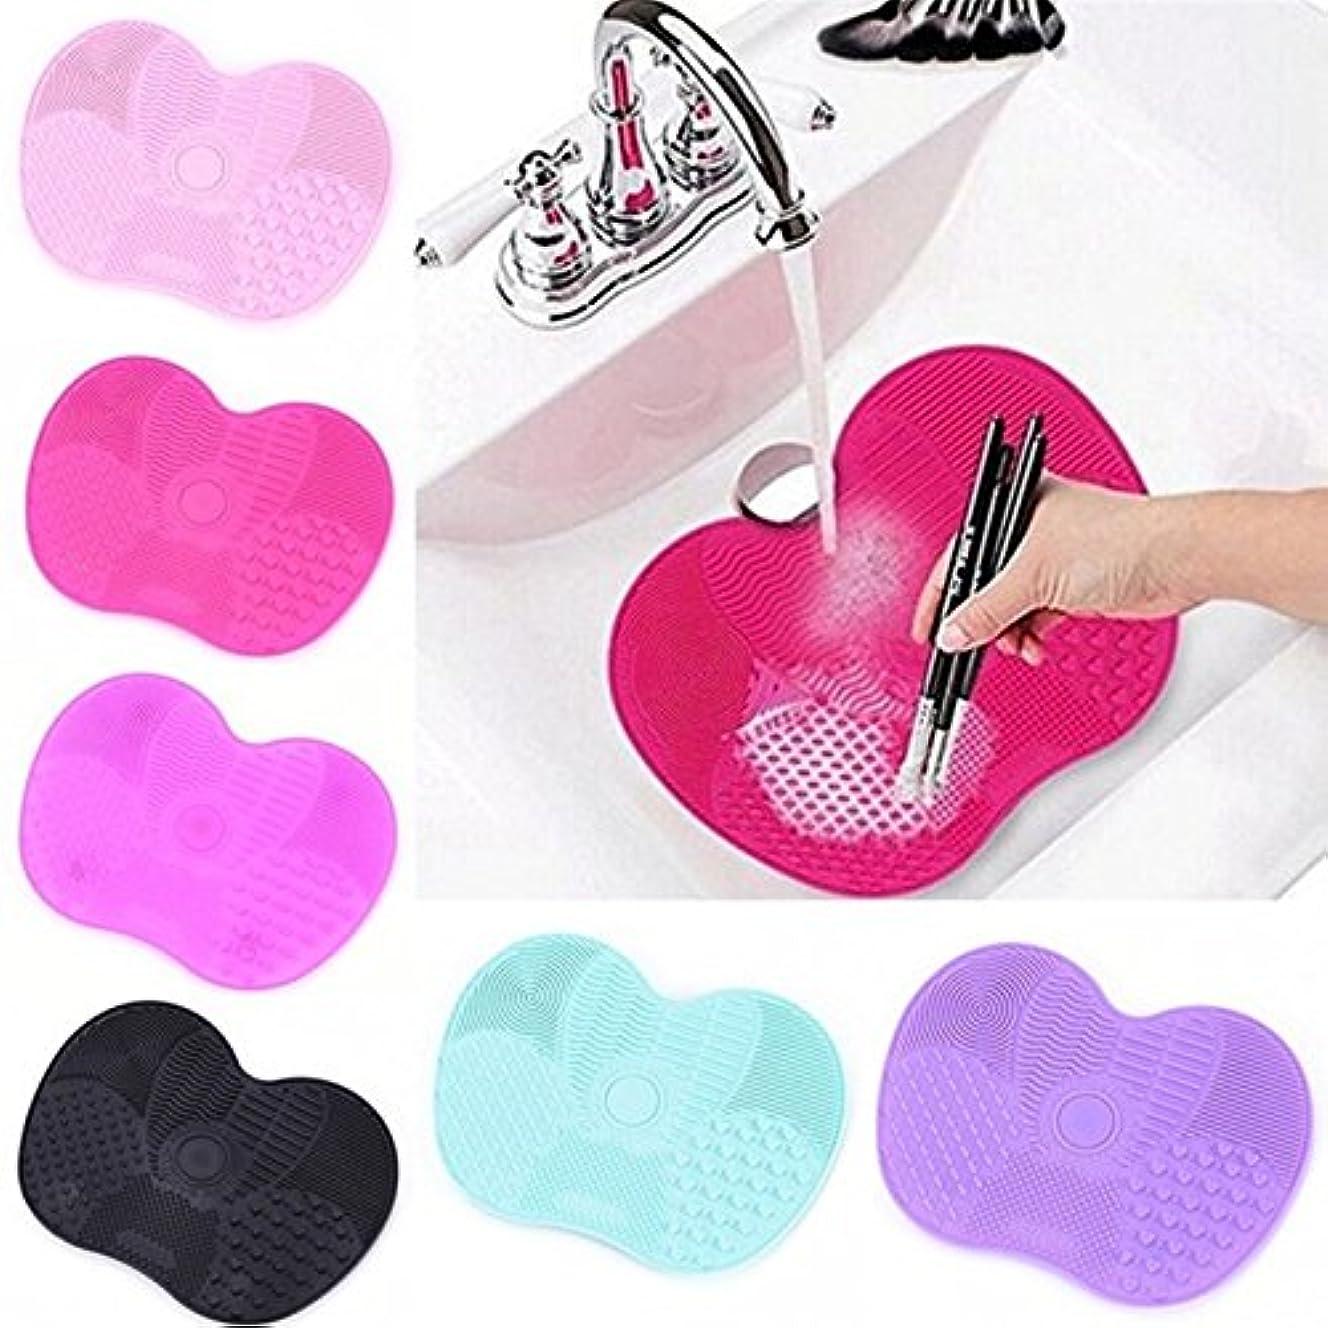 もこねる郡Makeup Brush cleaner Silicone Mat Make Up Washing Brushes Cosmetic Gel Board Cleaning Pad Cleaner Scrubber Tools (Random color)